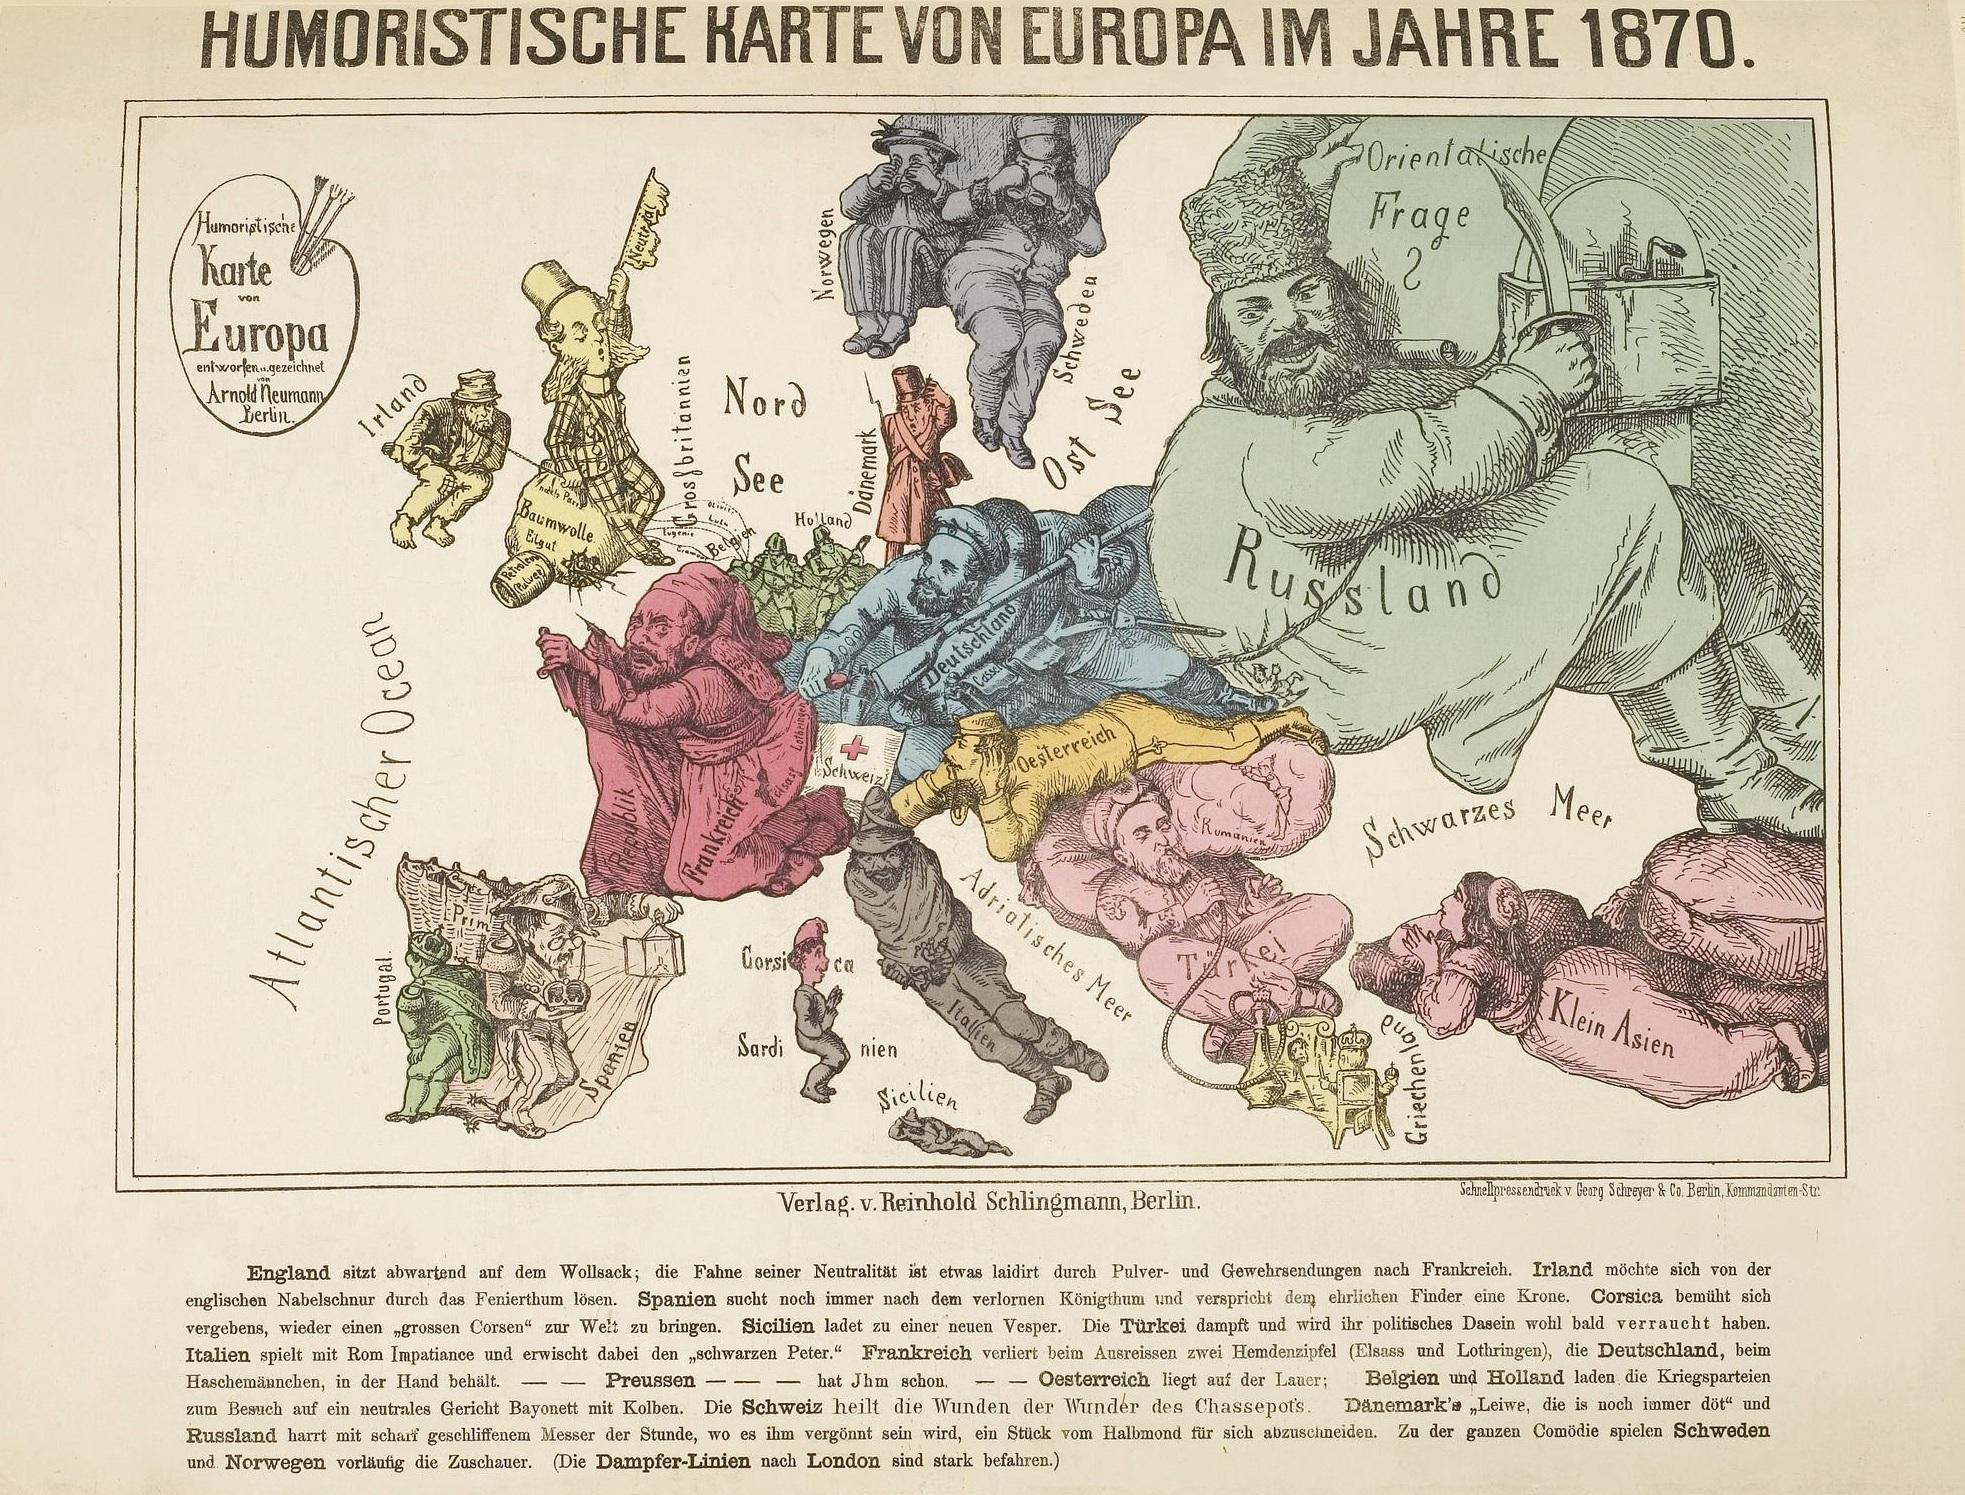 1870 humoristische karte von europa2